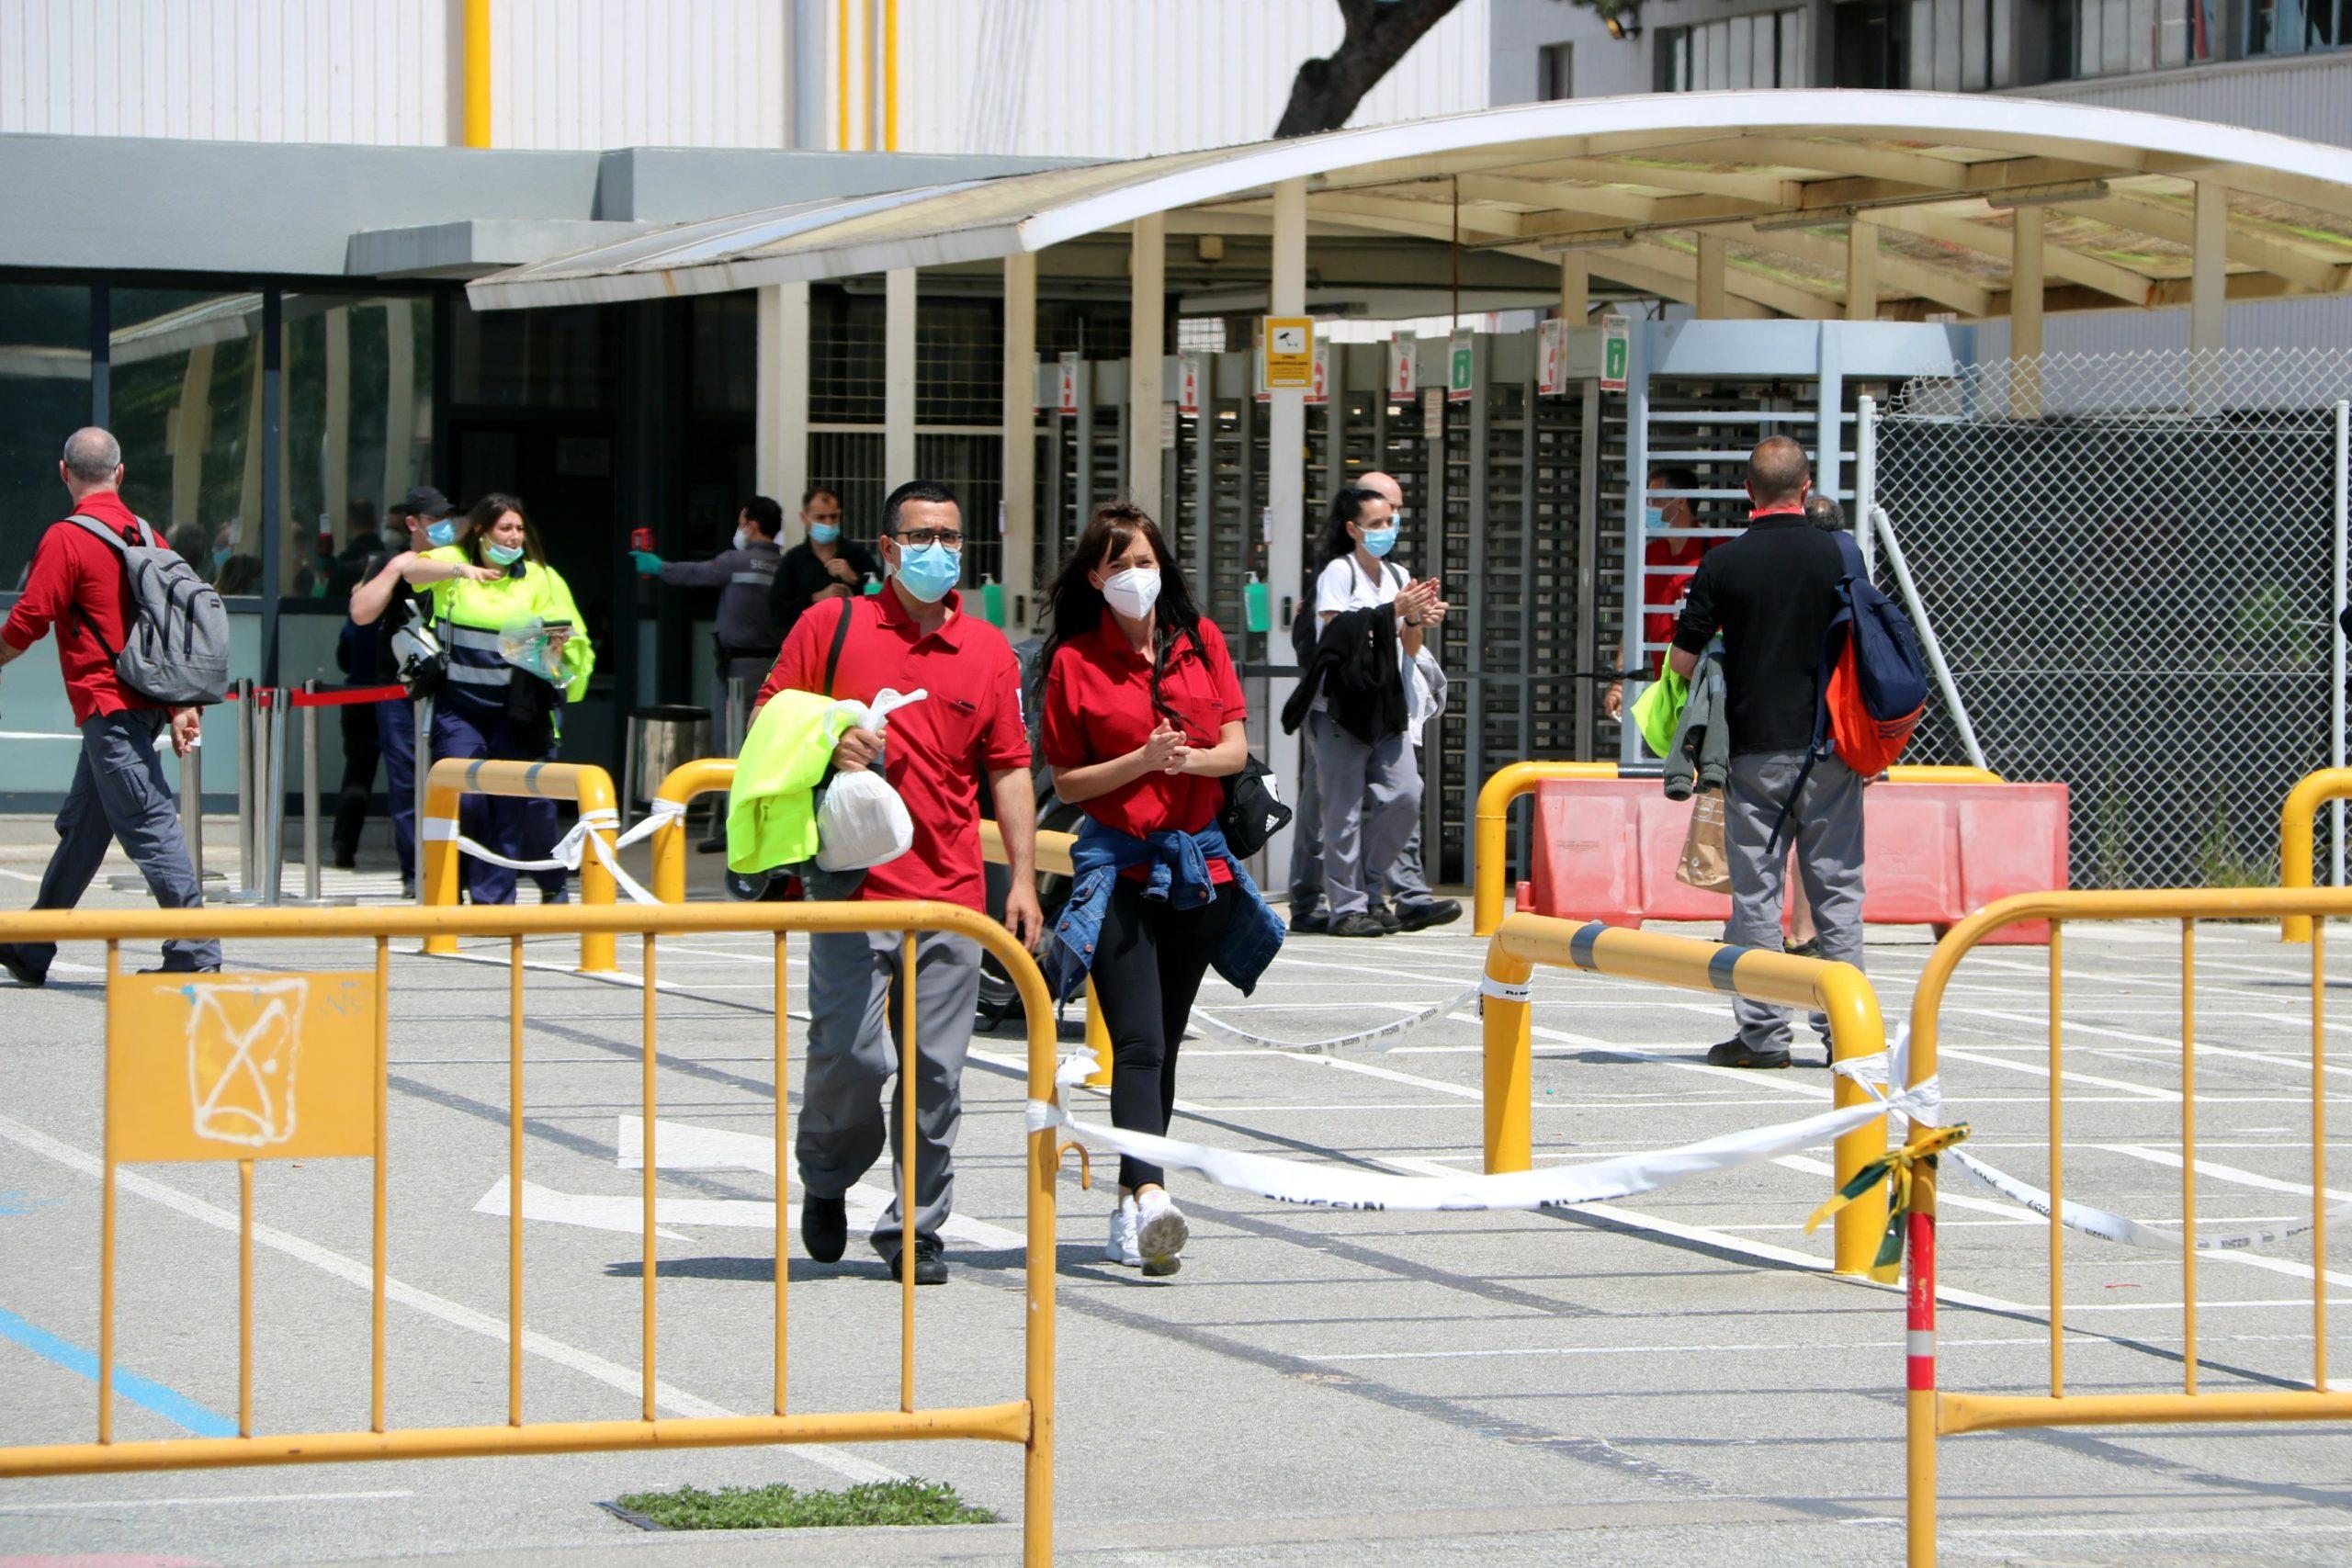 Treballadors de Nissan sortint de la planta de la Zona Franca el 6 de maig / ACN